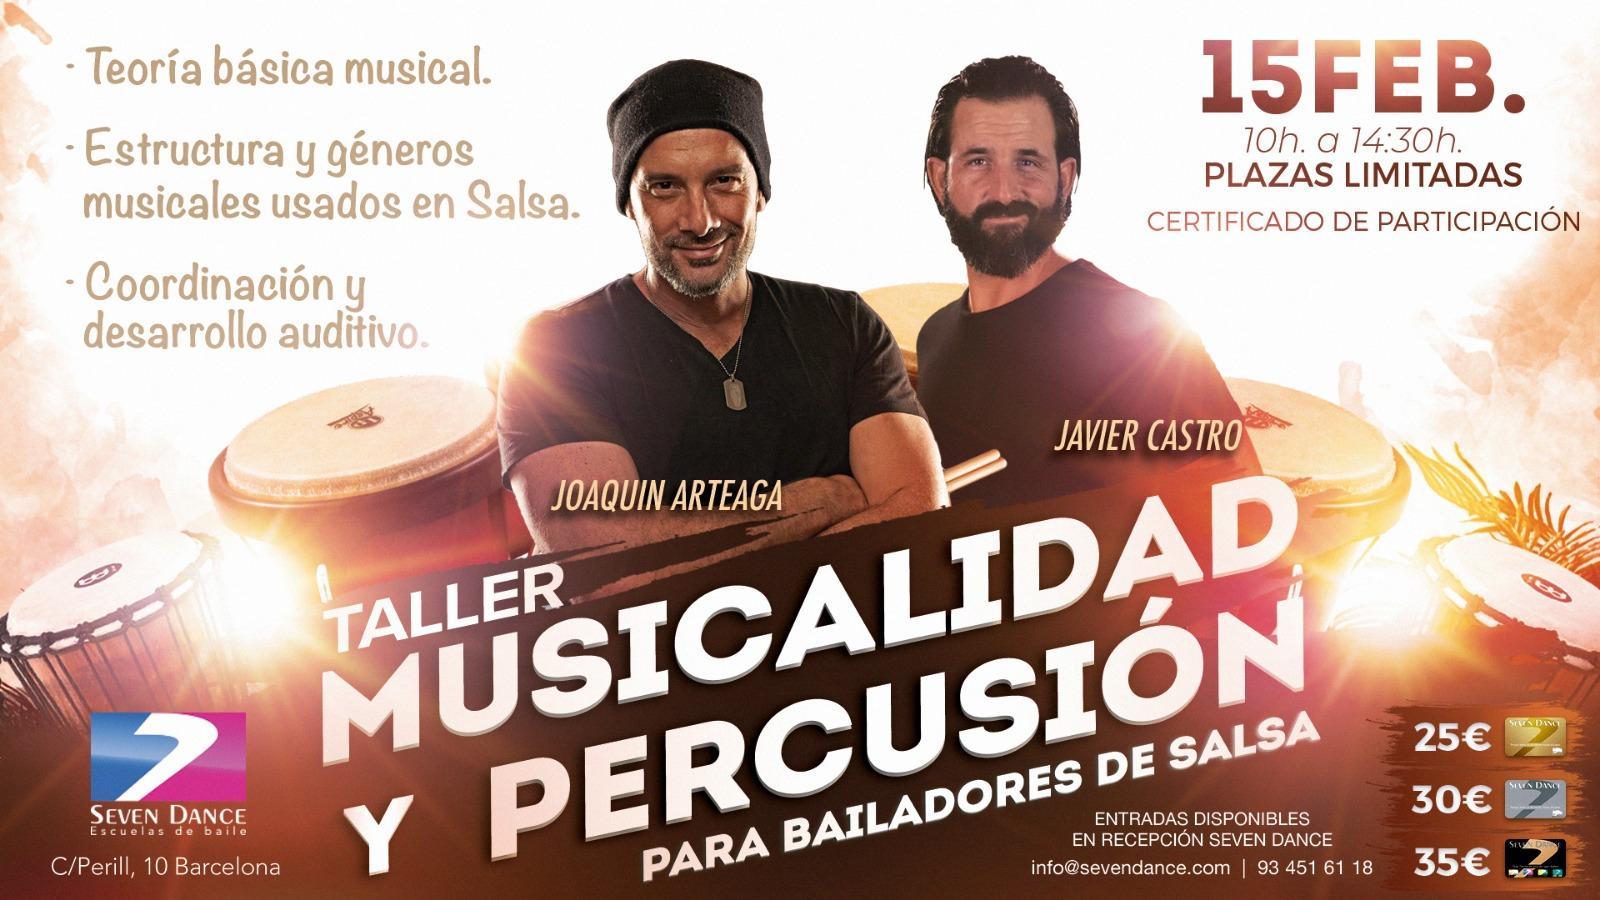 Master Class de Musicalidad y Percusión